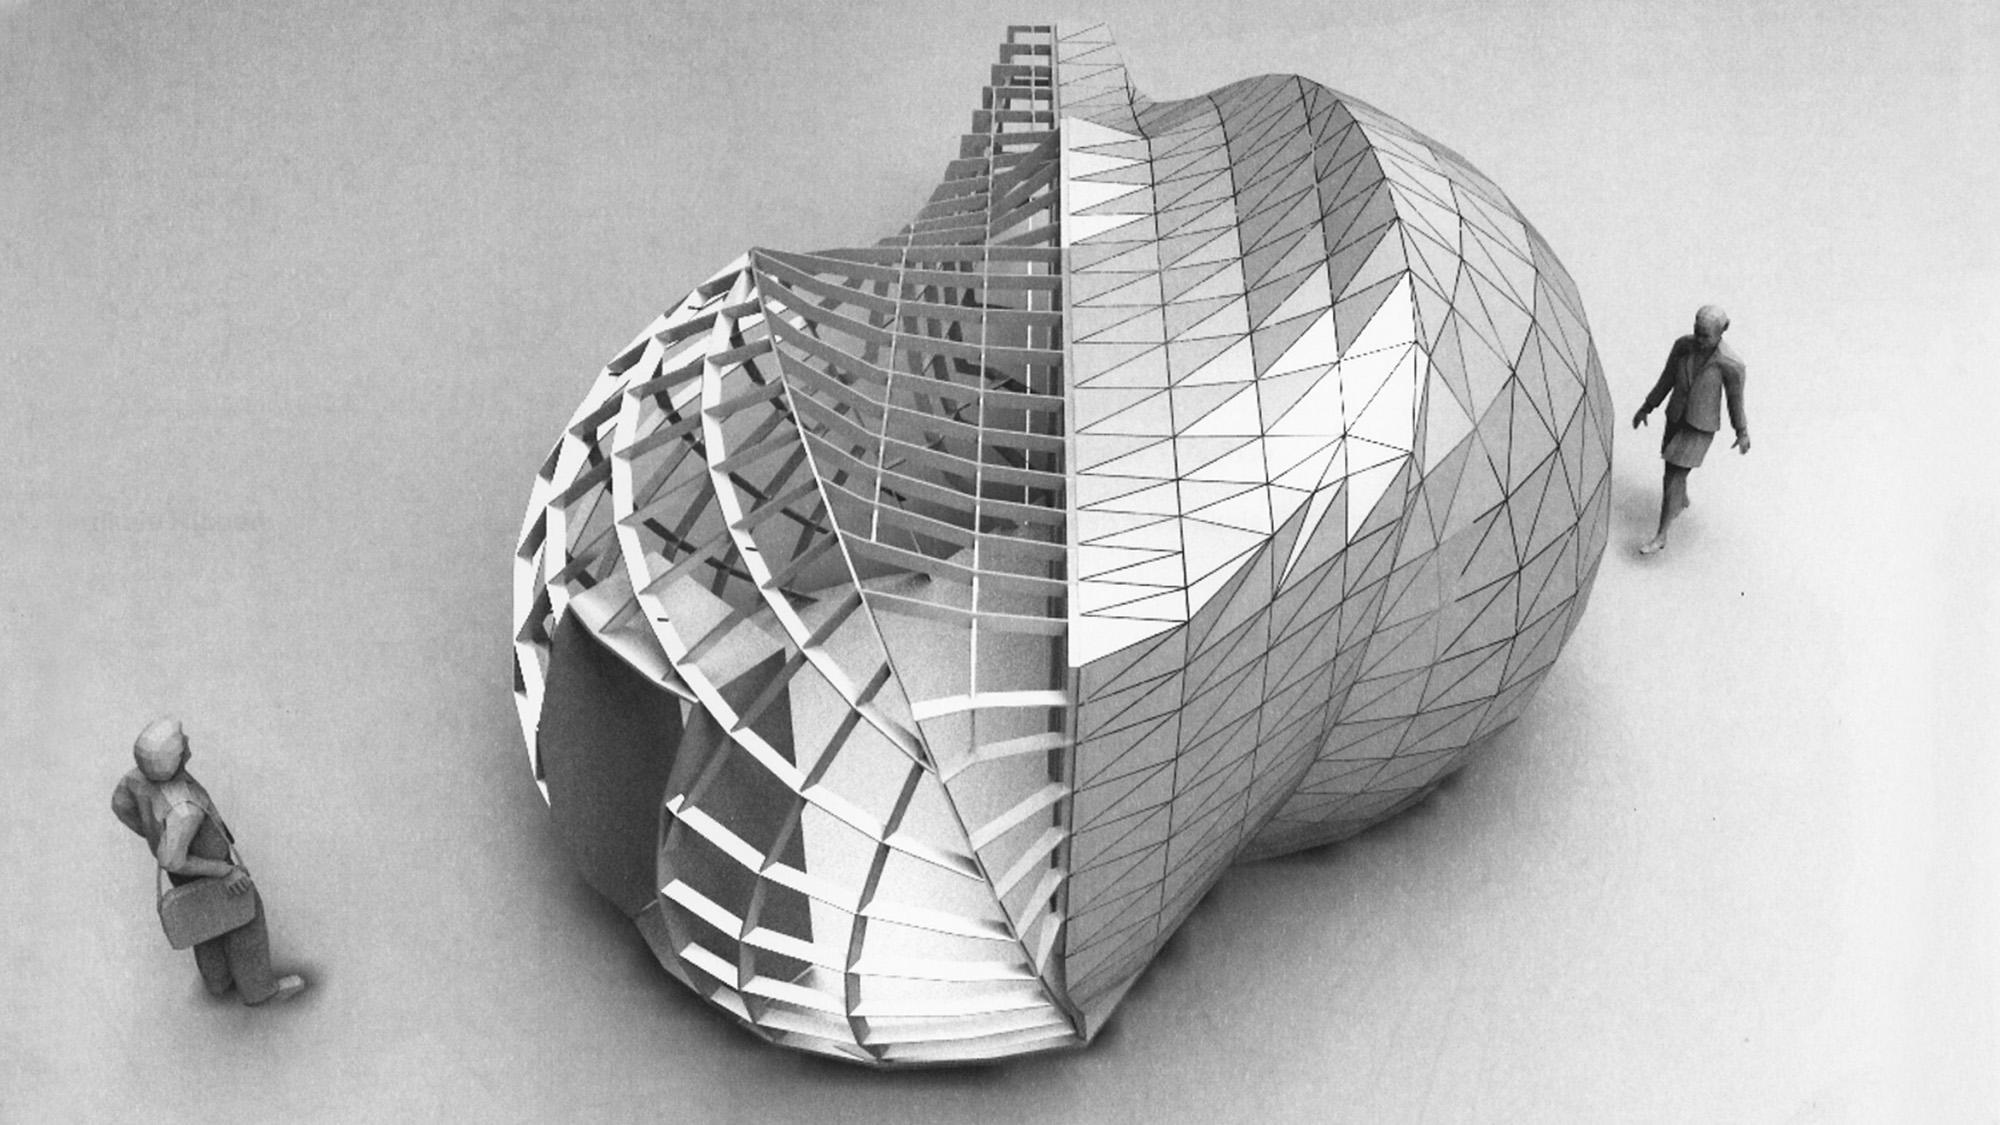 Design COOP Himmelb(l)au 2014